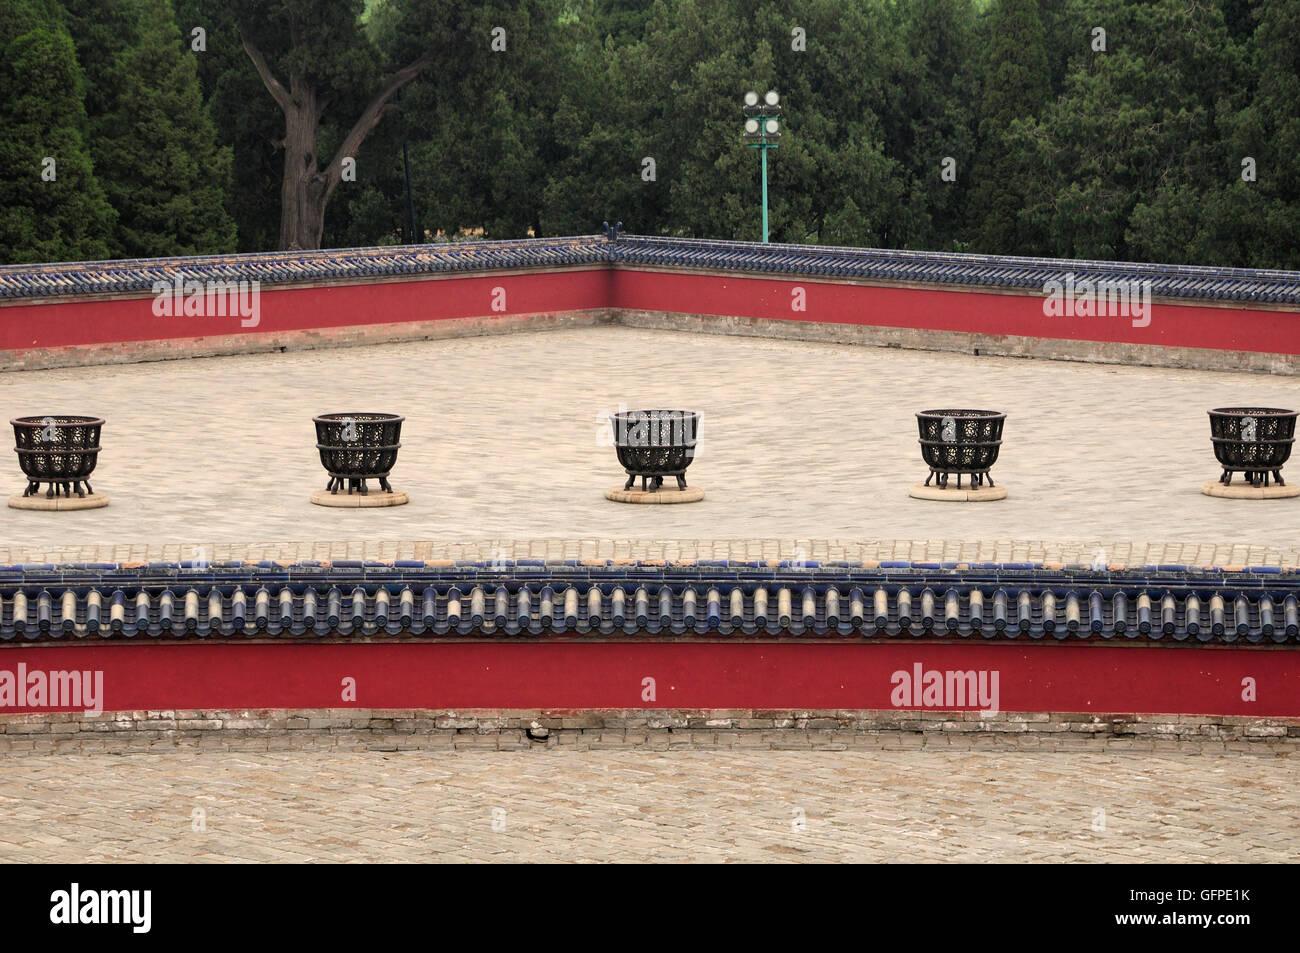 Puits du feu et les murs entourant le portes Lingxing situé dans le parc Tiantan ou Temple du ciel espace scénique à Beijing en Chine. Banque D'Images